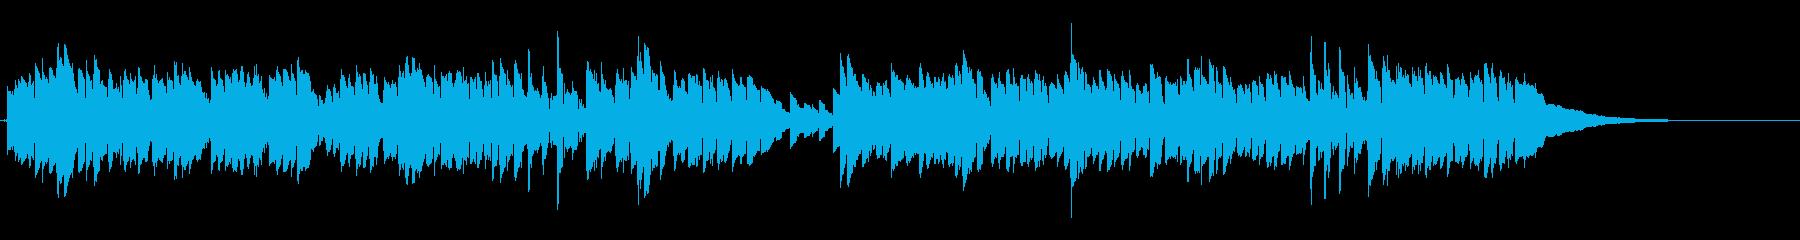 おおスザンナをアコースティックギターでの再生済みの波形